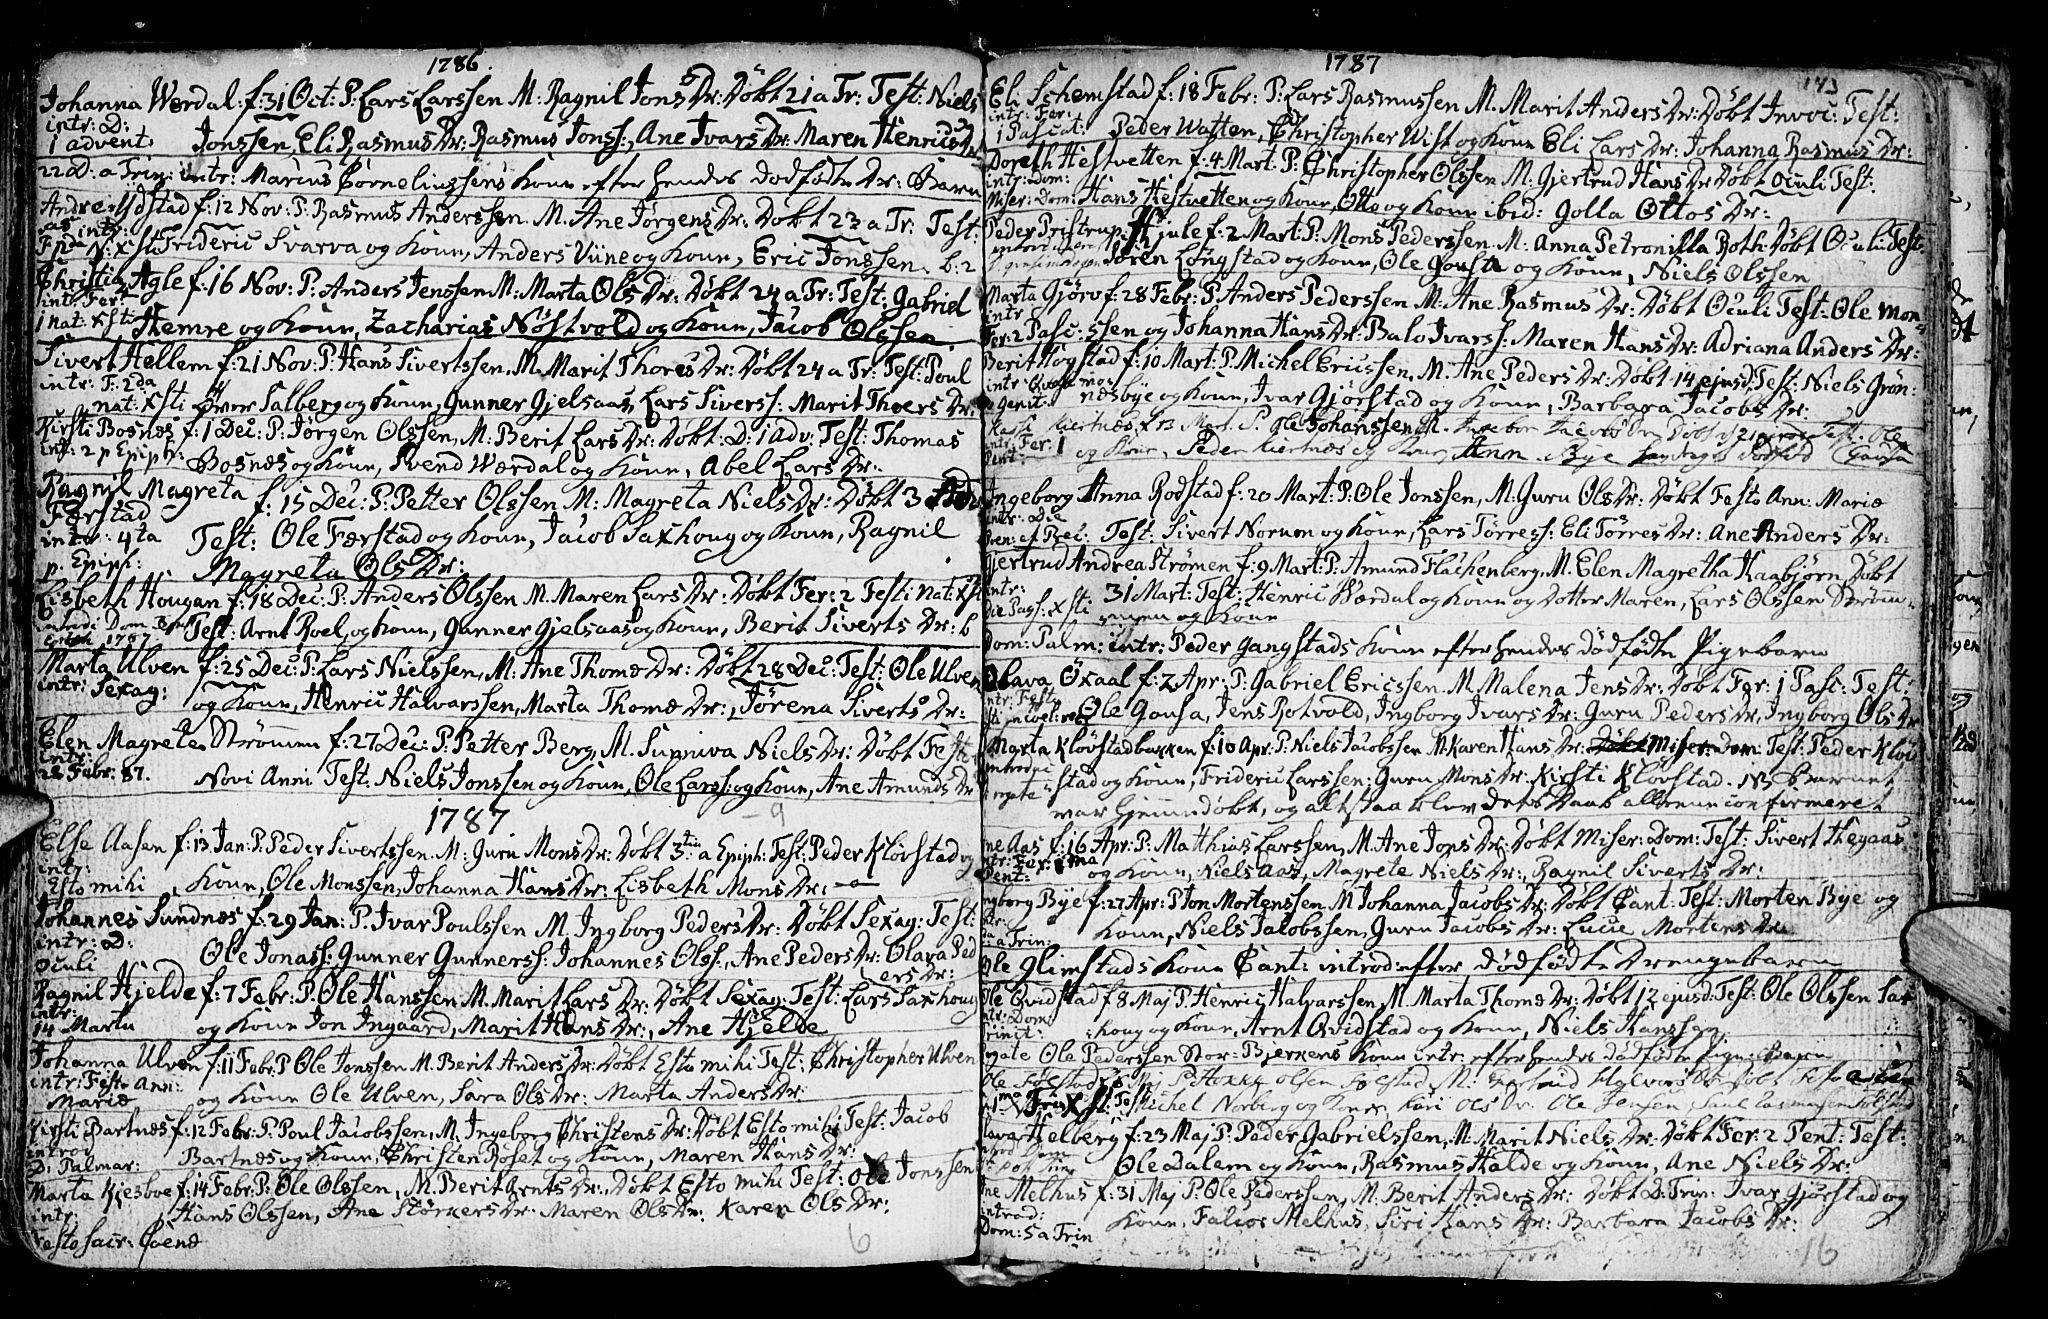 SAT, Ministerialprotokoller, klokkerbøker og fødselsregistre - Nord-Trøndelag, 730/L0273: Ministerialbok nr. 730A02, 1762-1802, s. 143